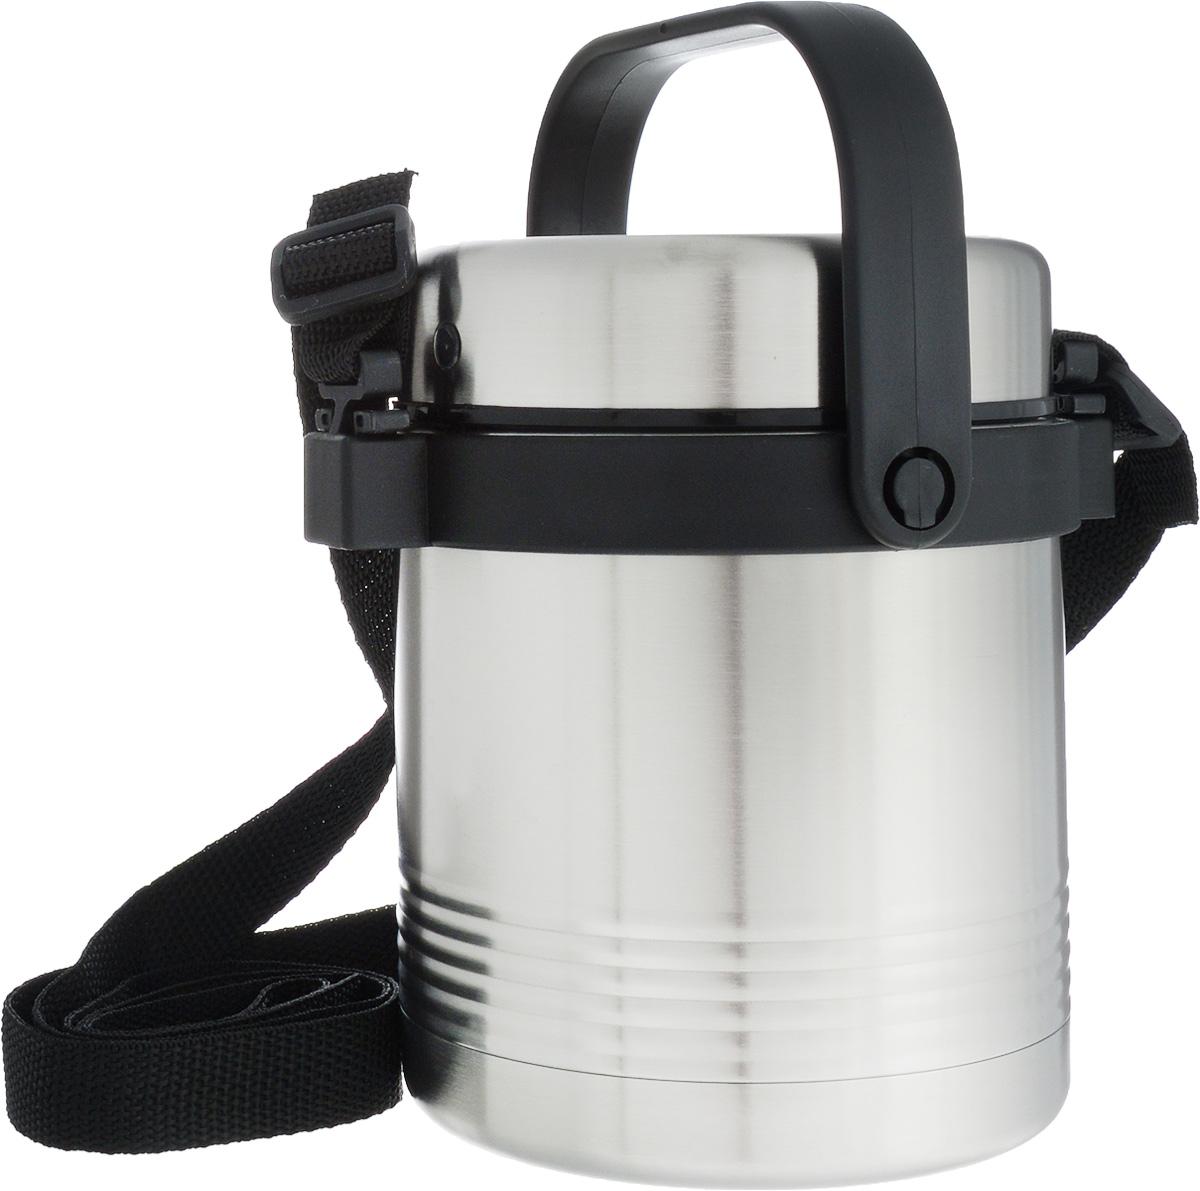 Термос для еды Emsa Senator, с контейнером, 1 лVT-1520(SR)Термос Emsa Senator изготовлен из высококачественной нержавеющей стали. Термос предназначен для горячих и холодных продуктов. Термос оснащен глухой крышкой, которая предотвращает проливание. Также он имеет удобную ручку и съемный ремень.Внутри термоса есть дополнительный пластиковый контейнер, который герметично закрывается крышкой.Стильный металлический термос понравится абсолютно всем и впишется в любой интерьер кухни.Можно мыть в посудомоечной машине.Диаметр горлышка термоса: 11 см.Диаметр основания термоса: 11 см.Высота термоса (с учетом крышки): 16 см. Диаметр контейнера: 10 см. Высота контейнера (с учетом крышки): 12 см.Сохранение холода: 12 ч.Сохранение тепла: 6 ч.